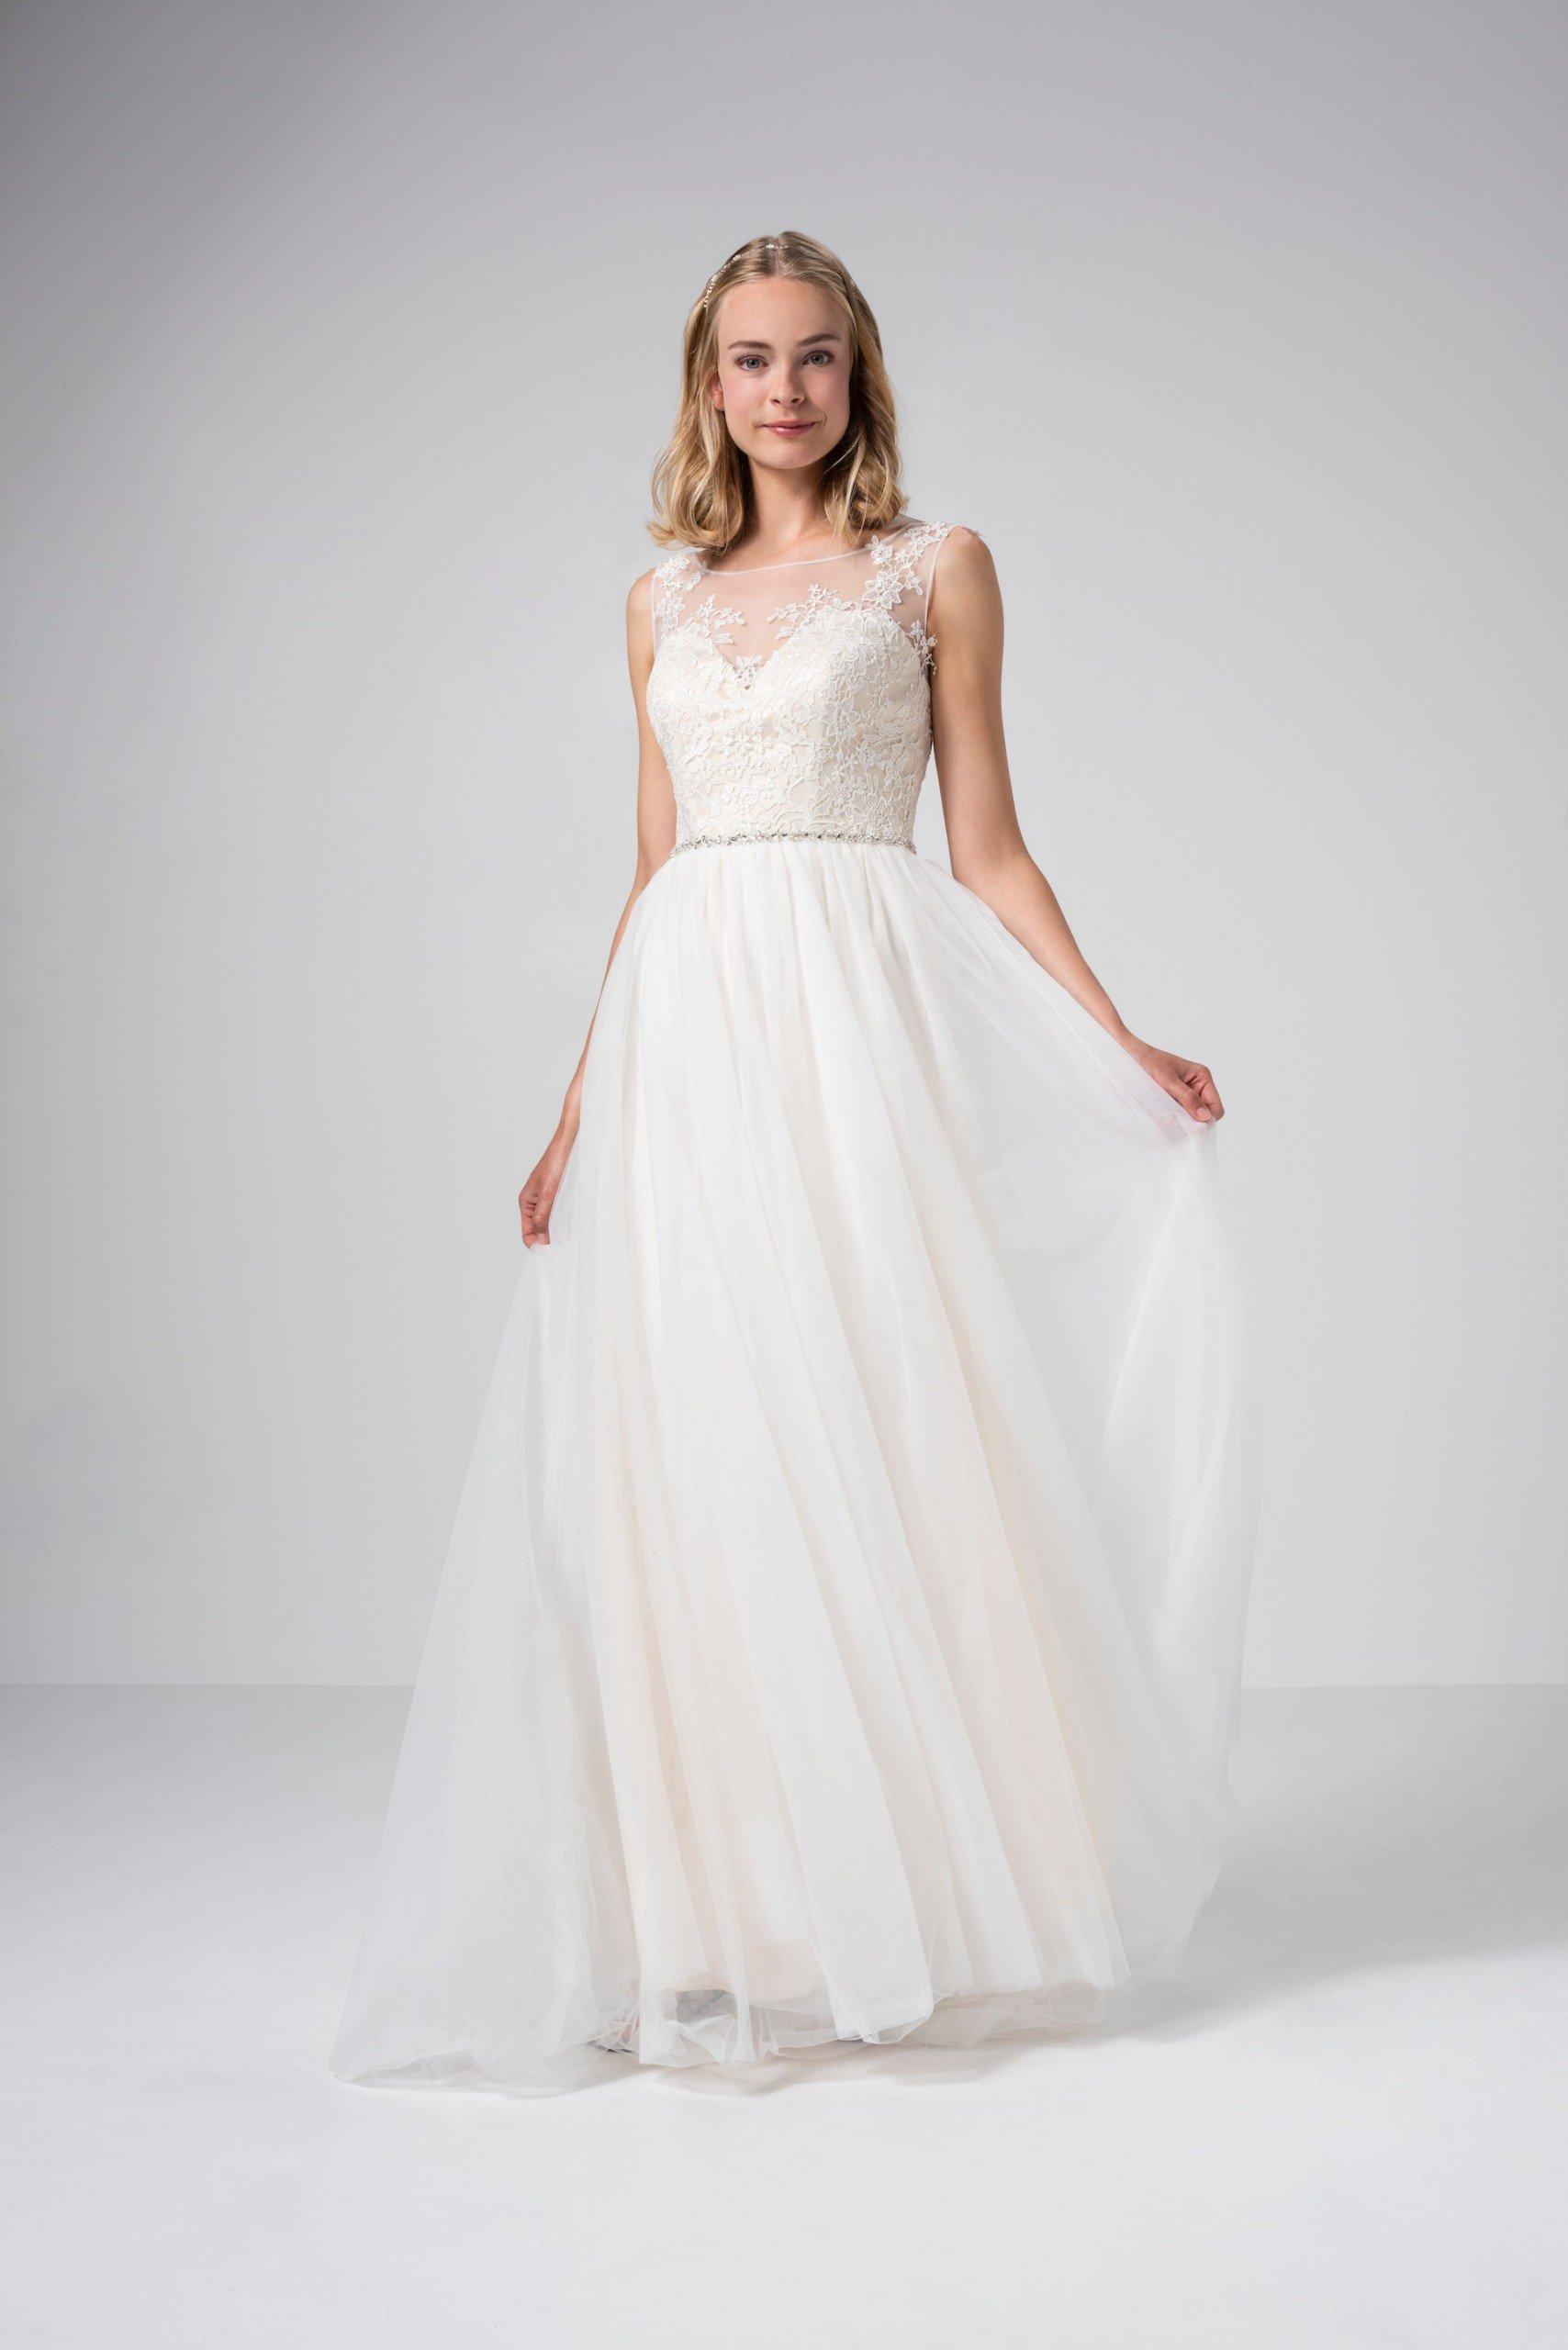 Prinzess-Brautkleid mit Tüllrock, Illusion-Ausschnitt und Strassgürtel von Weise Be The One, Modell 337542